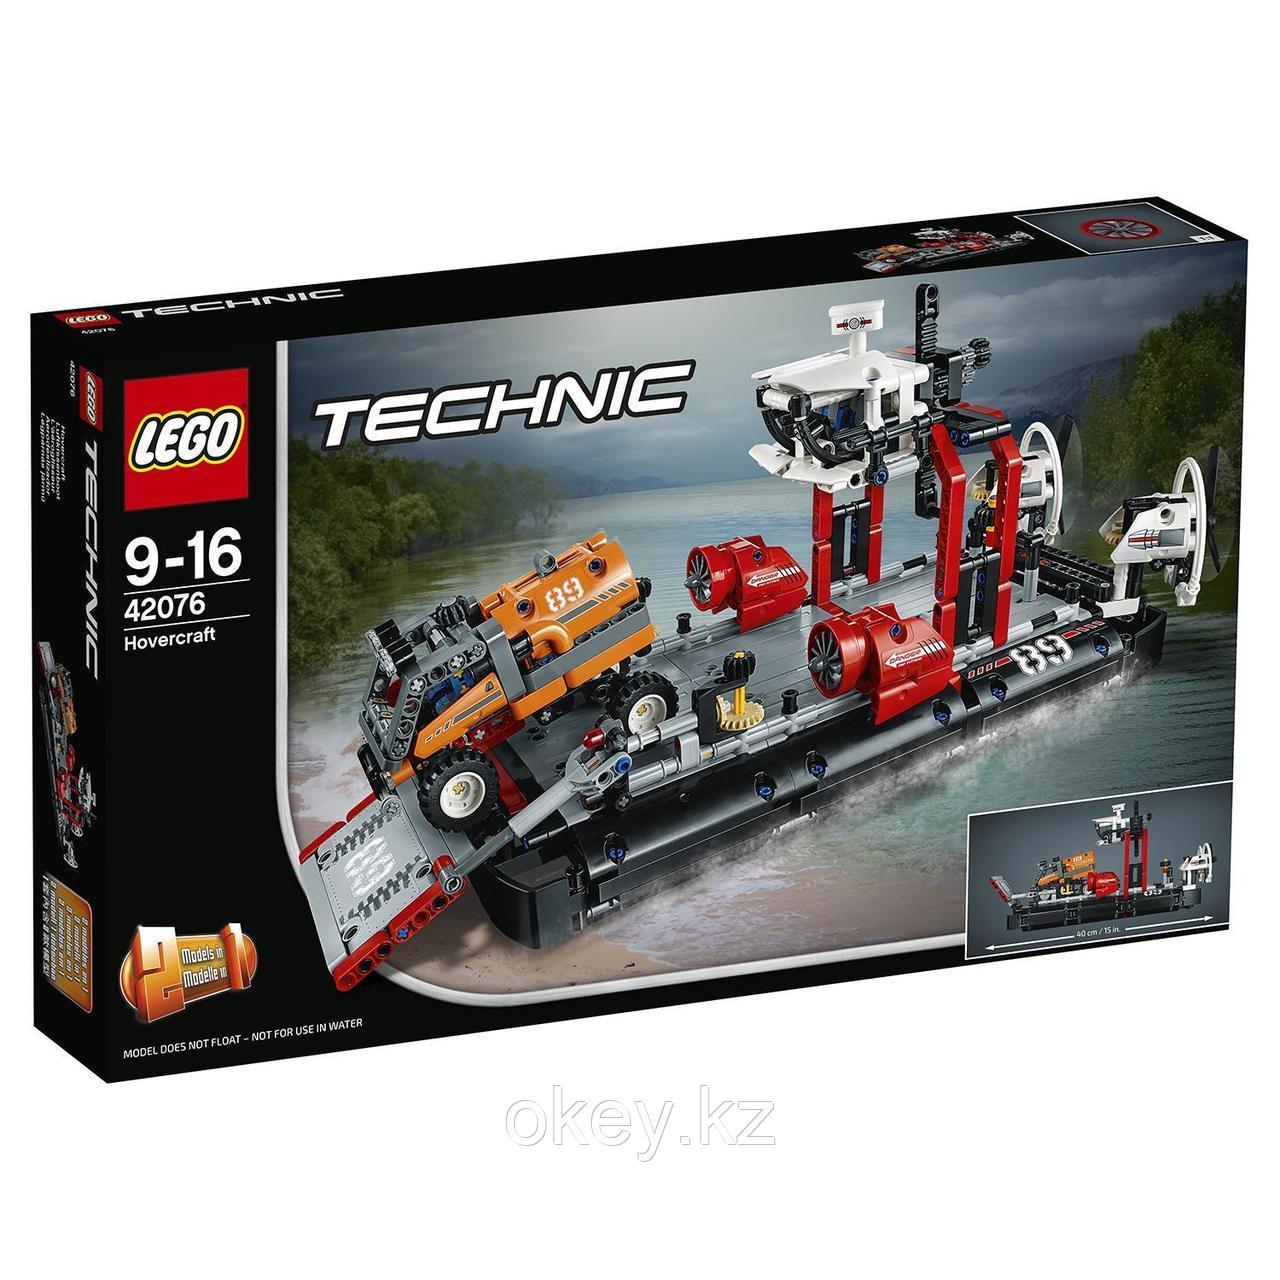 LEGO Technic: Корабль на воздушной подушке 42076